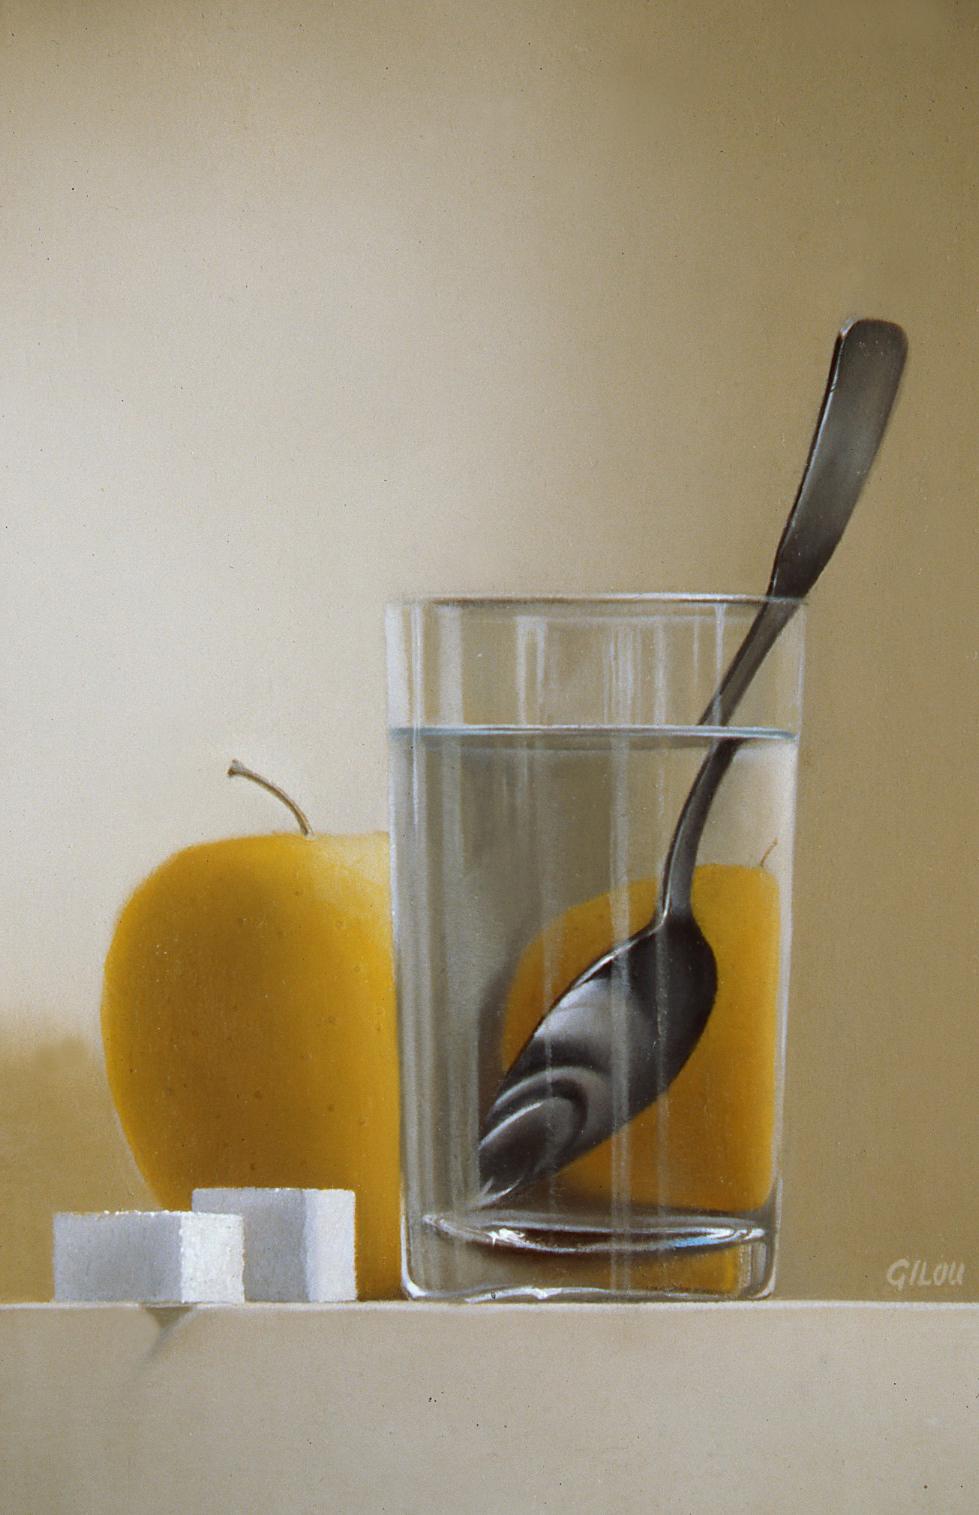 Gilou,  Pomme au verre d'eau